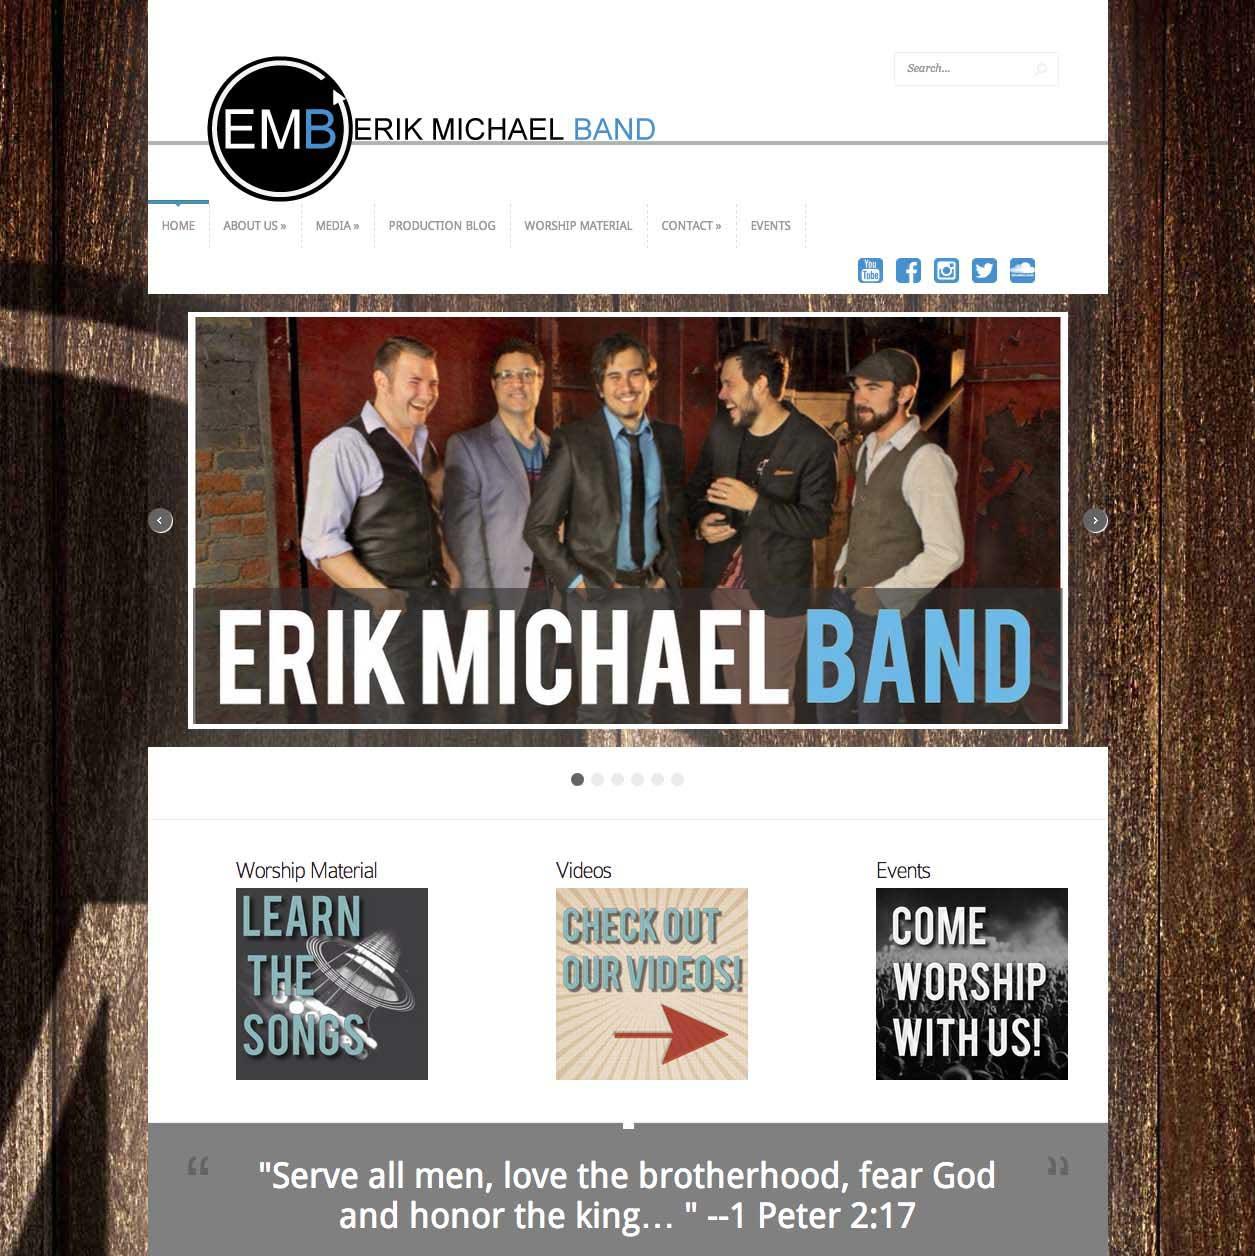 Erik Michael Band